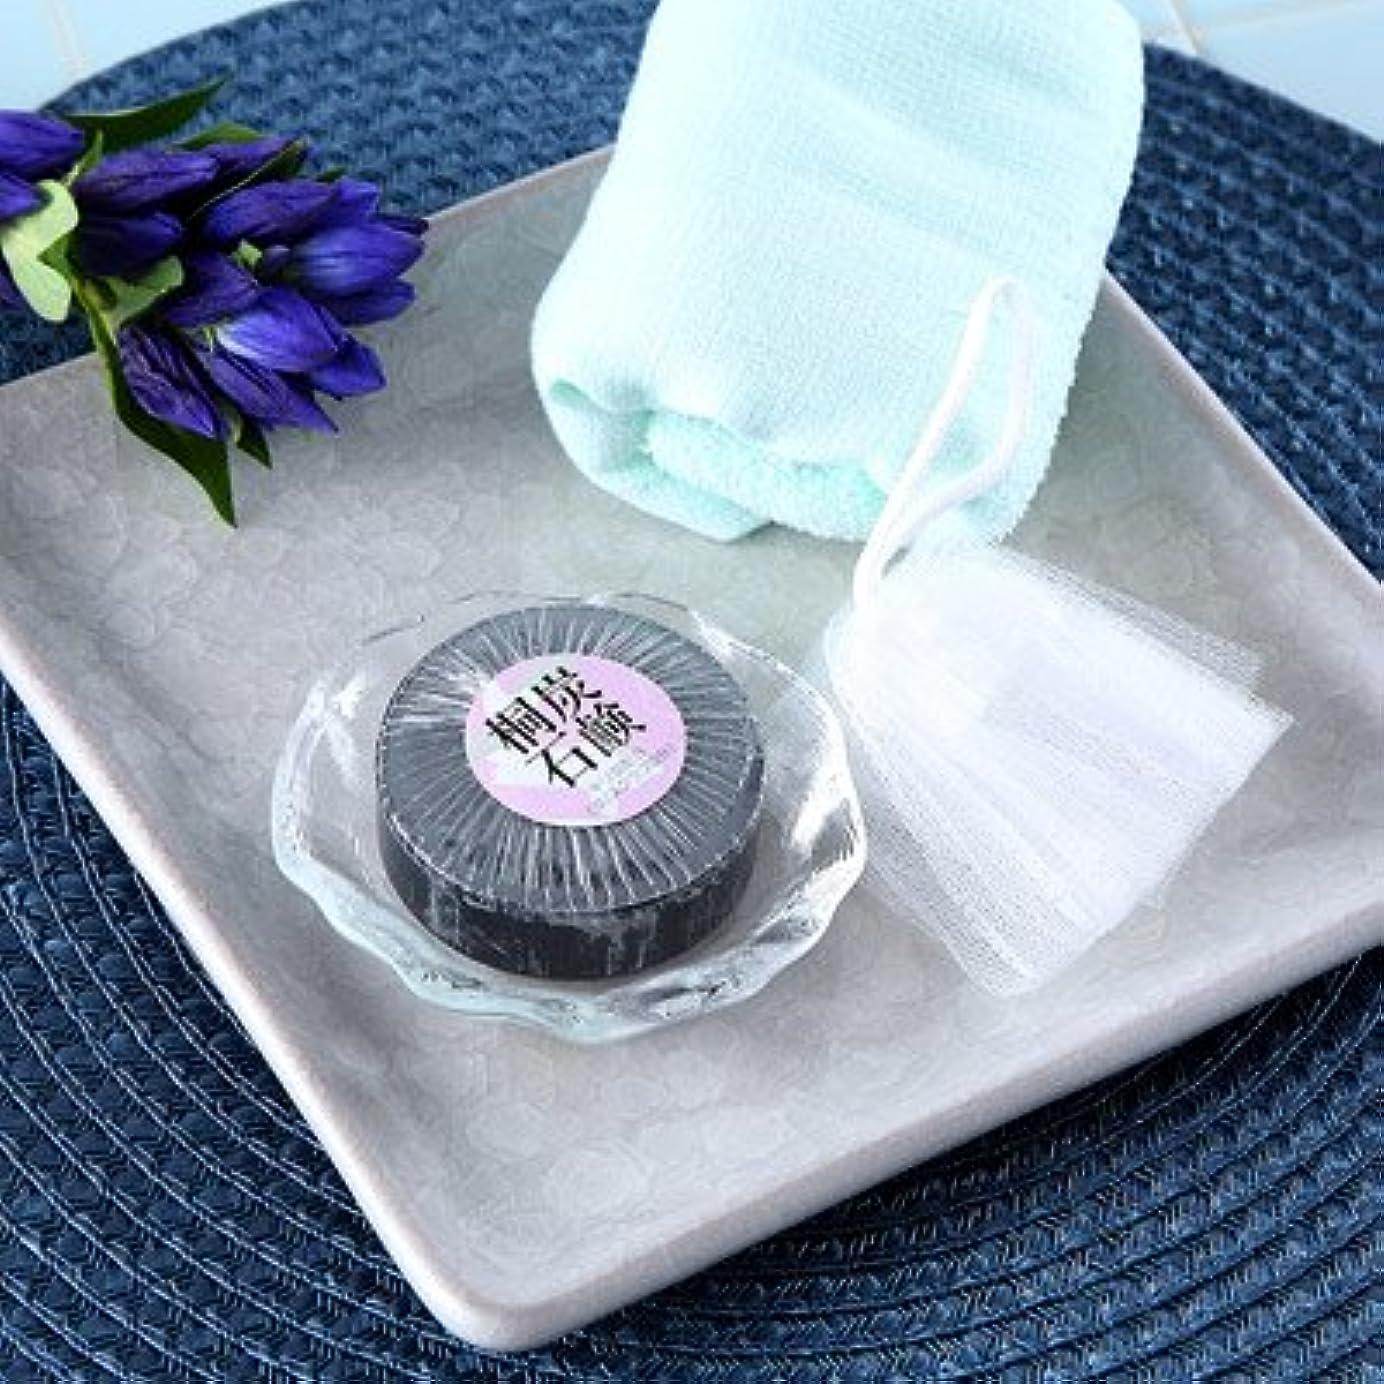 唯一厳しい想像する明治33年創業の桐製品の老舗が贈る お肌にやさしい桐炭石鹸